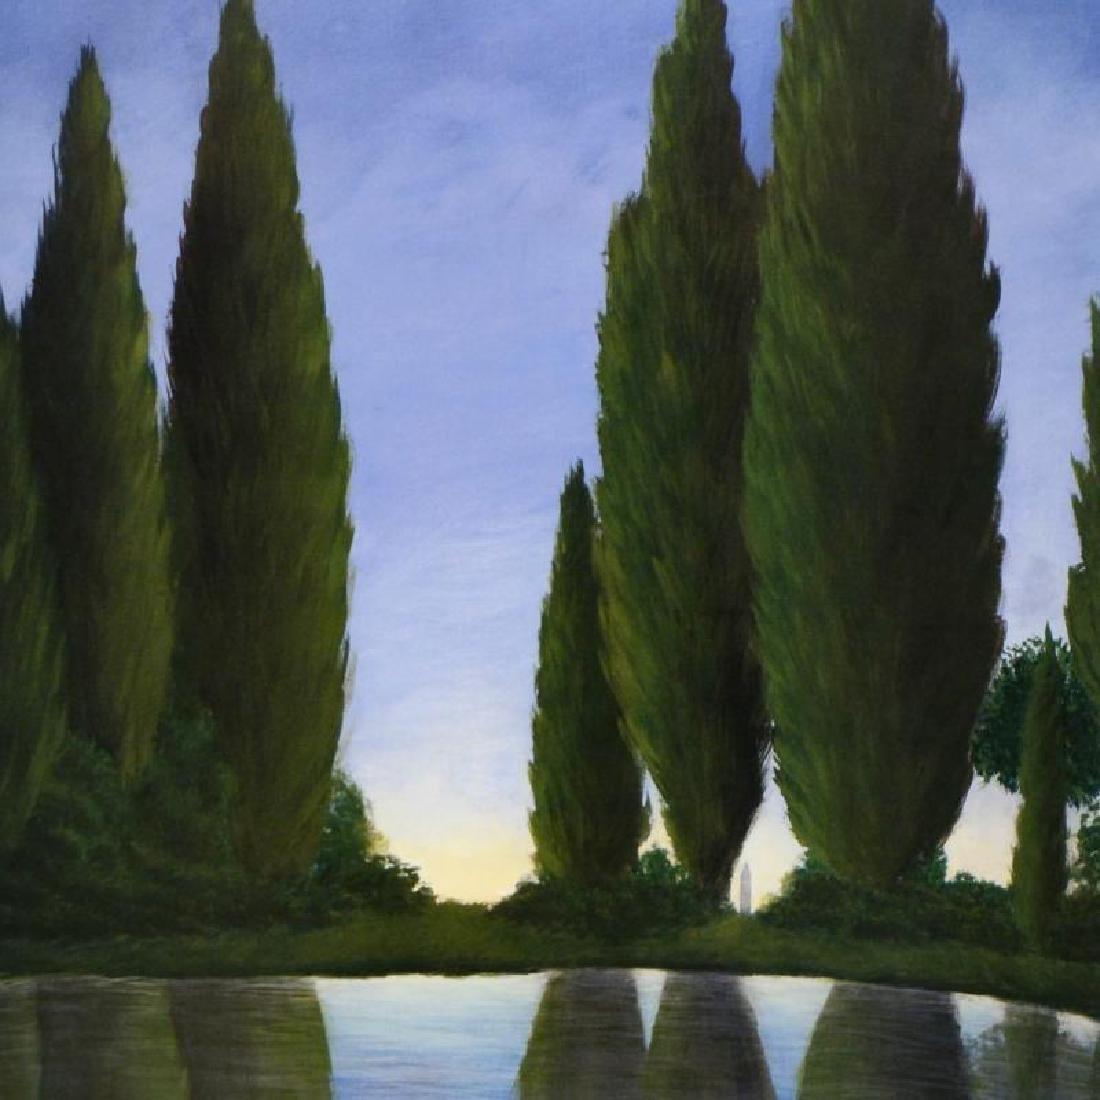 Twilight Garden by Lavaggi, Steven - 2